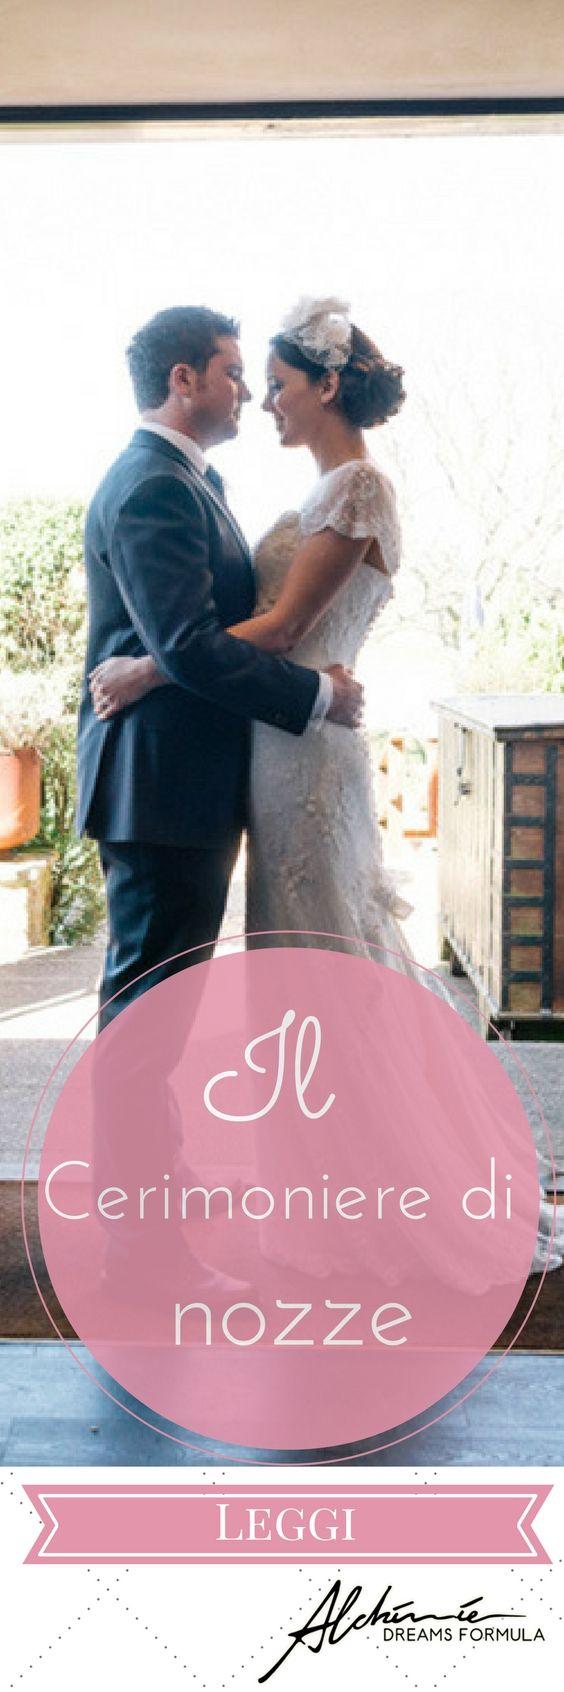 Il cerimoniere di nozze – The master of ceremonies